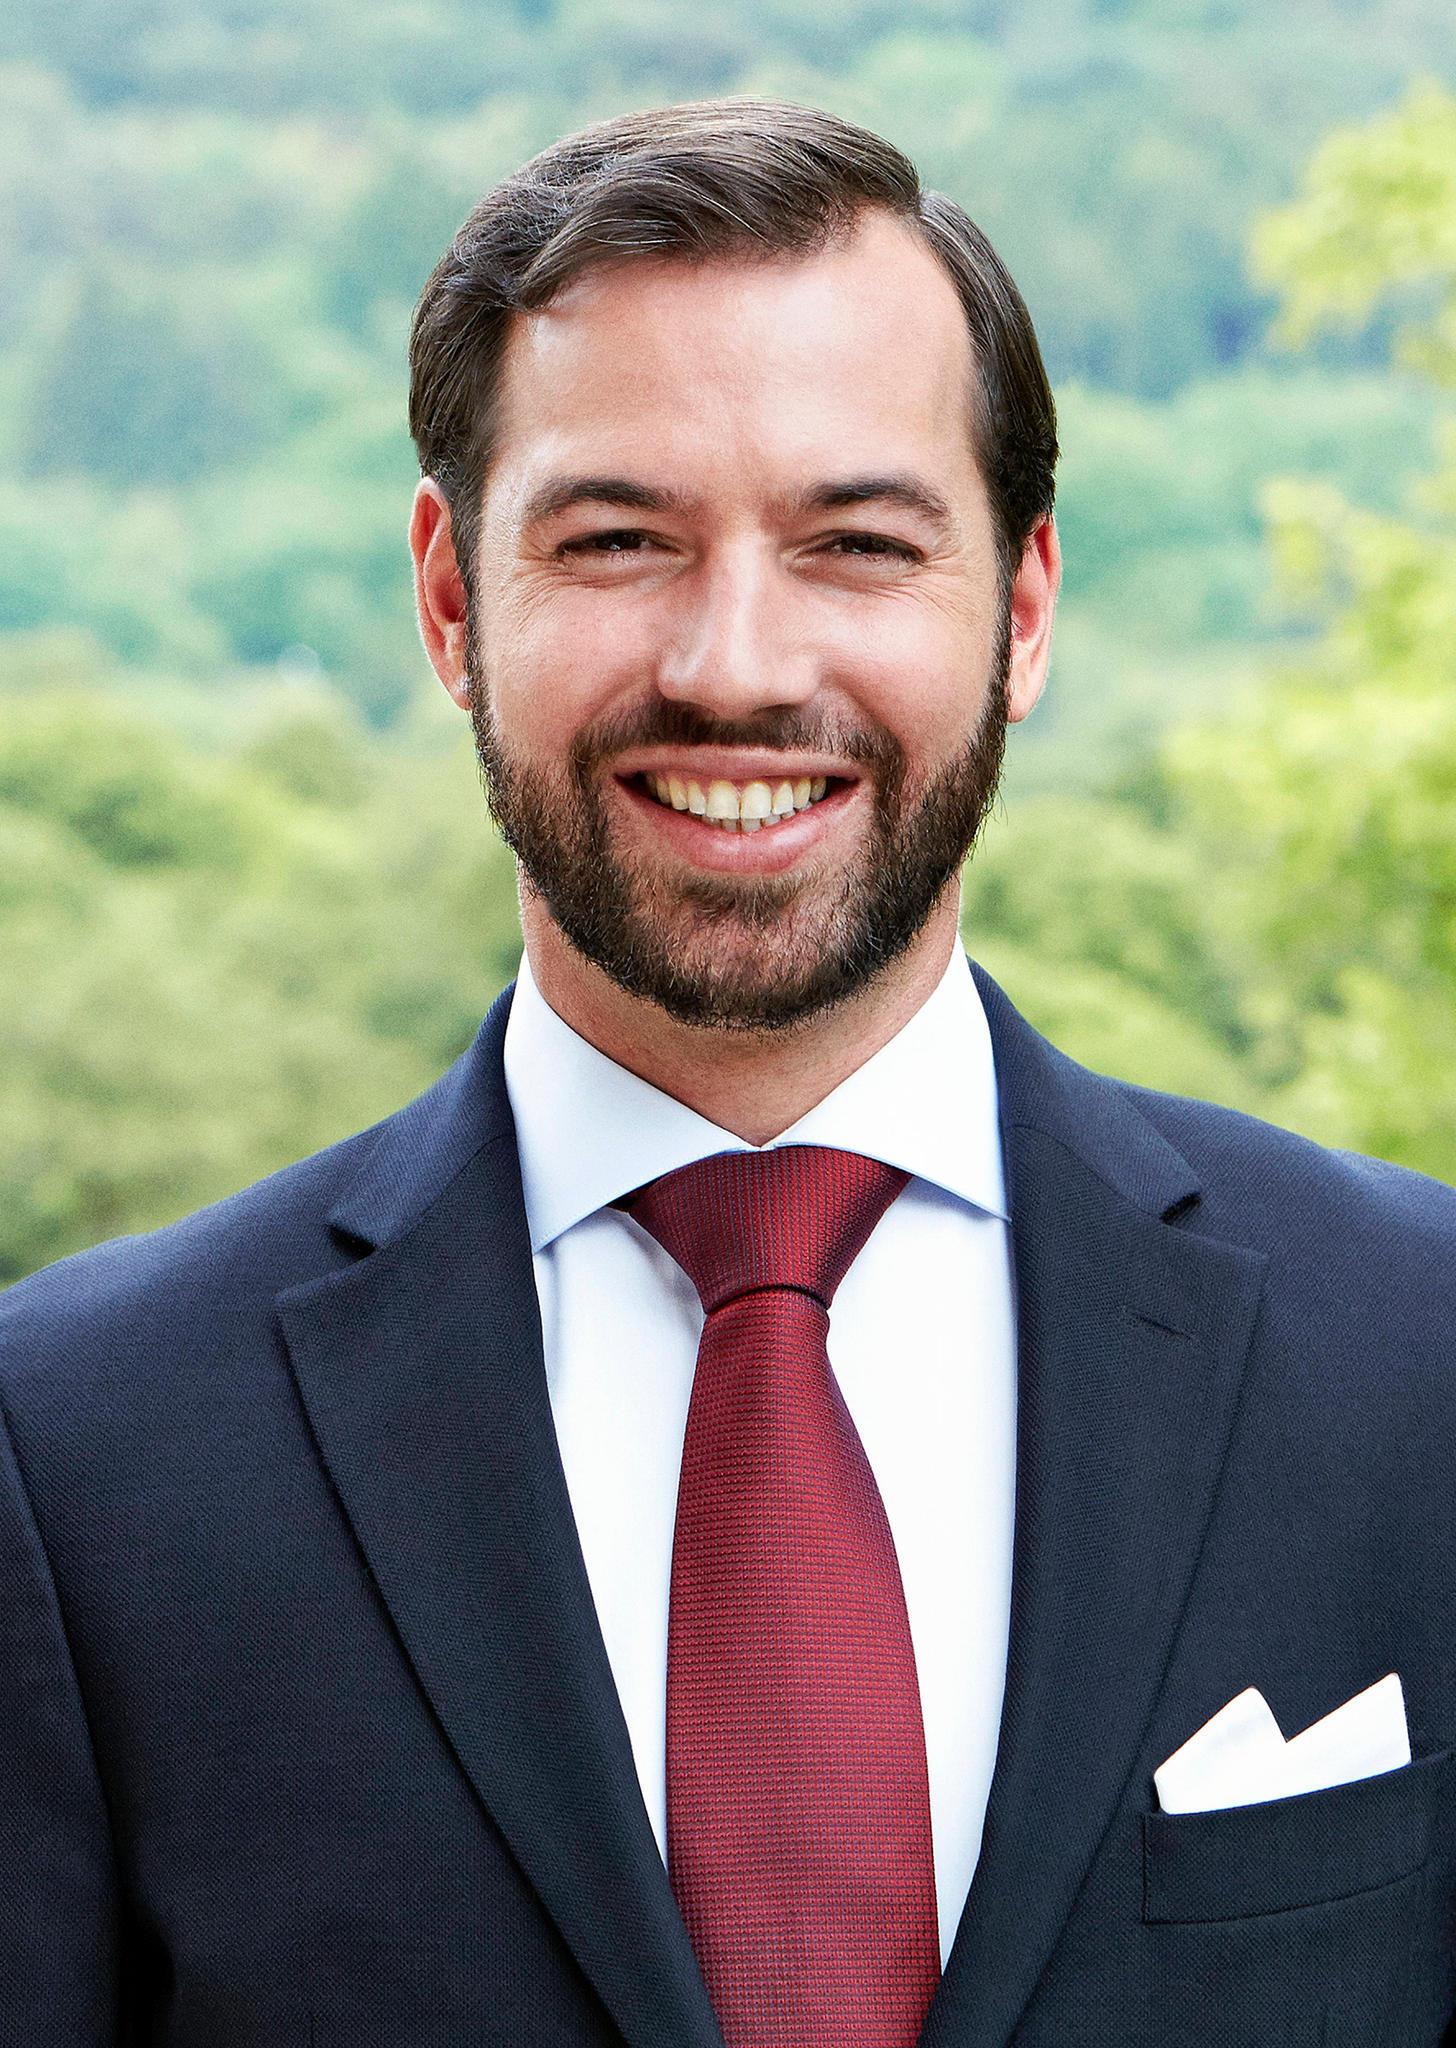 Erbgrossherzog Guillaume von Luxemburg